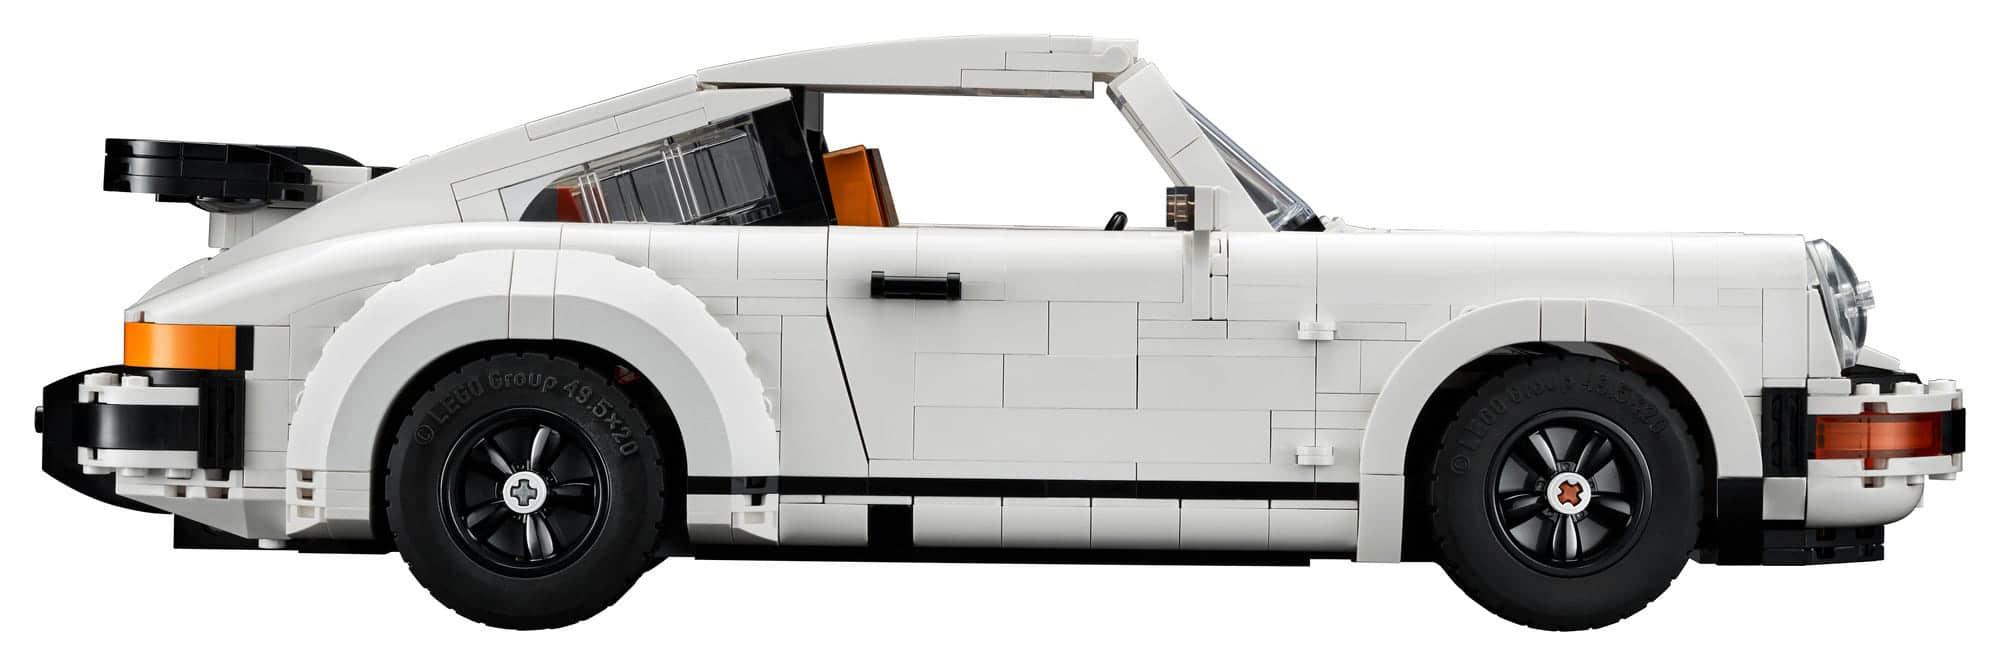 LEGO 10295 Porsche 911 Turbo Seite